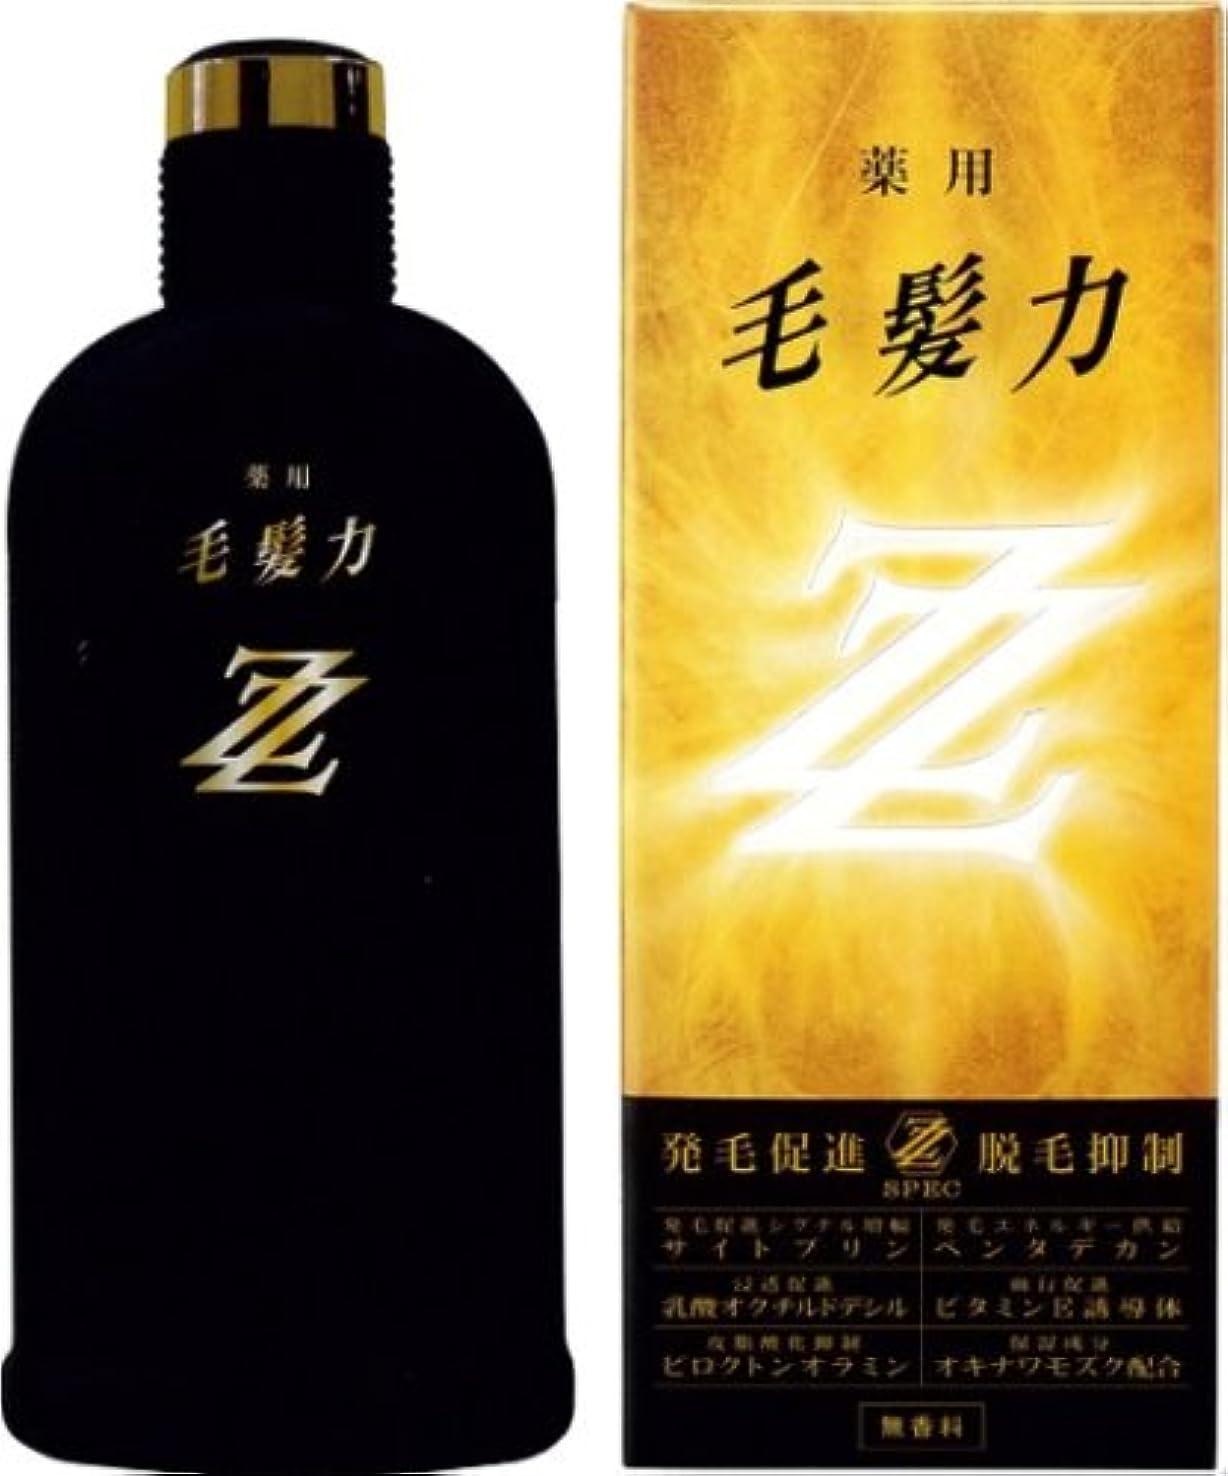 デンプシー貫入肉の薬用毛髪力ZZ(ダブルジー) 育毛剤 200ml(医薬部外品)